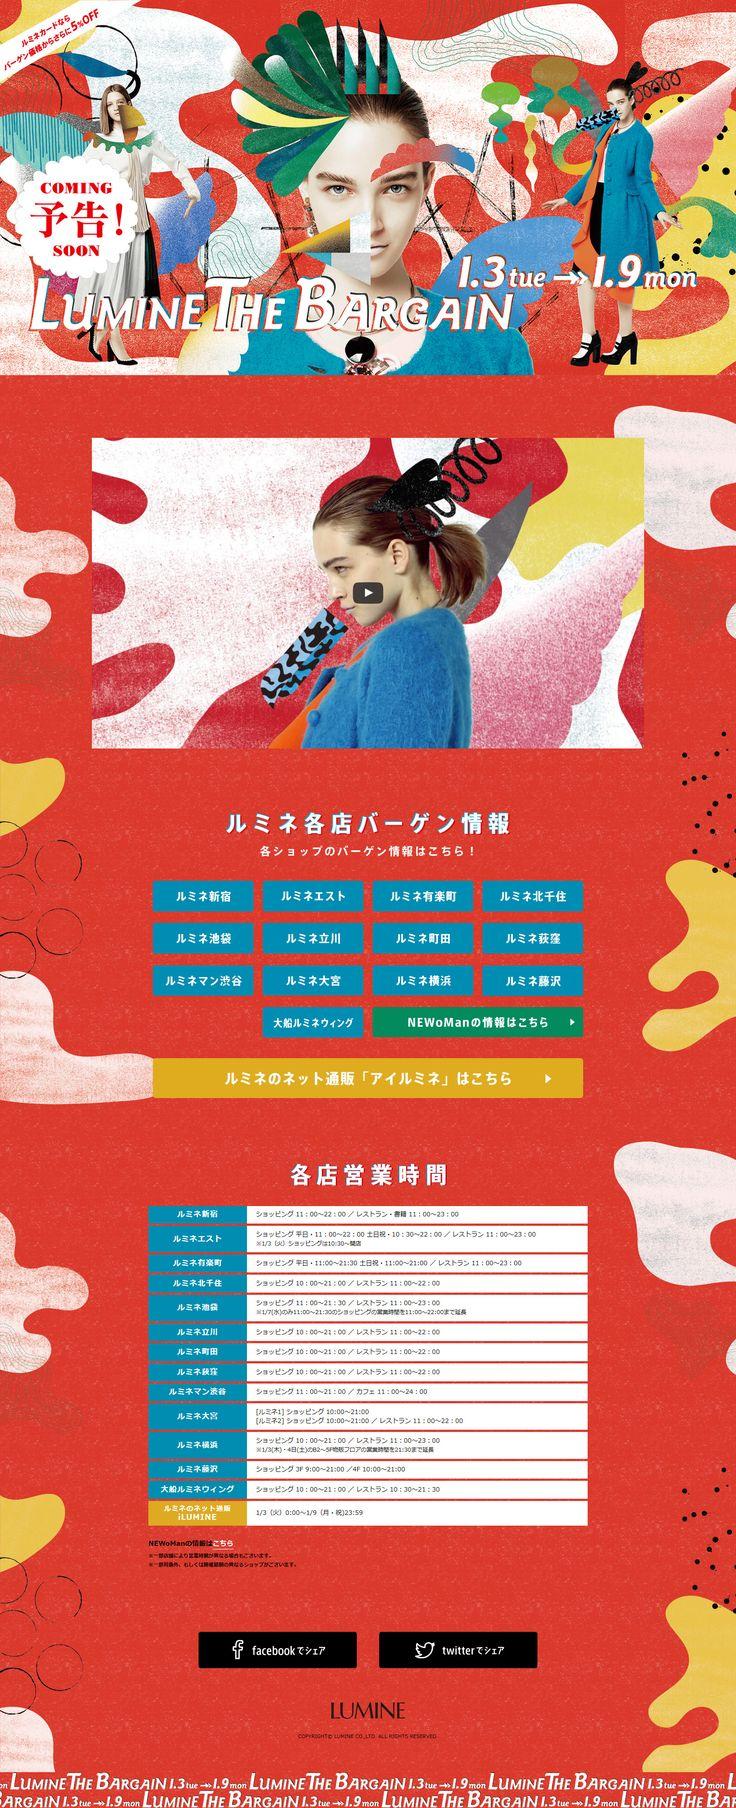 ルミネ・ザ・バーゲン  LUMINE http://www.lumine.ne.jp/bargain/2017w/